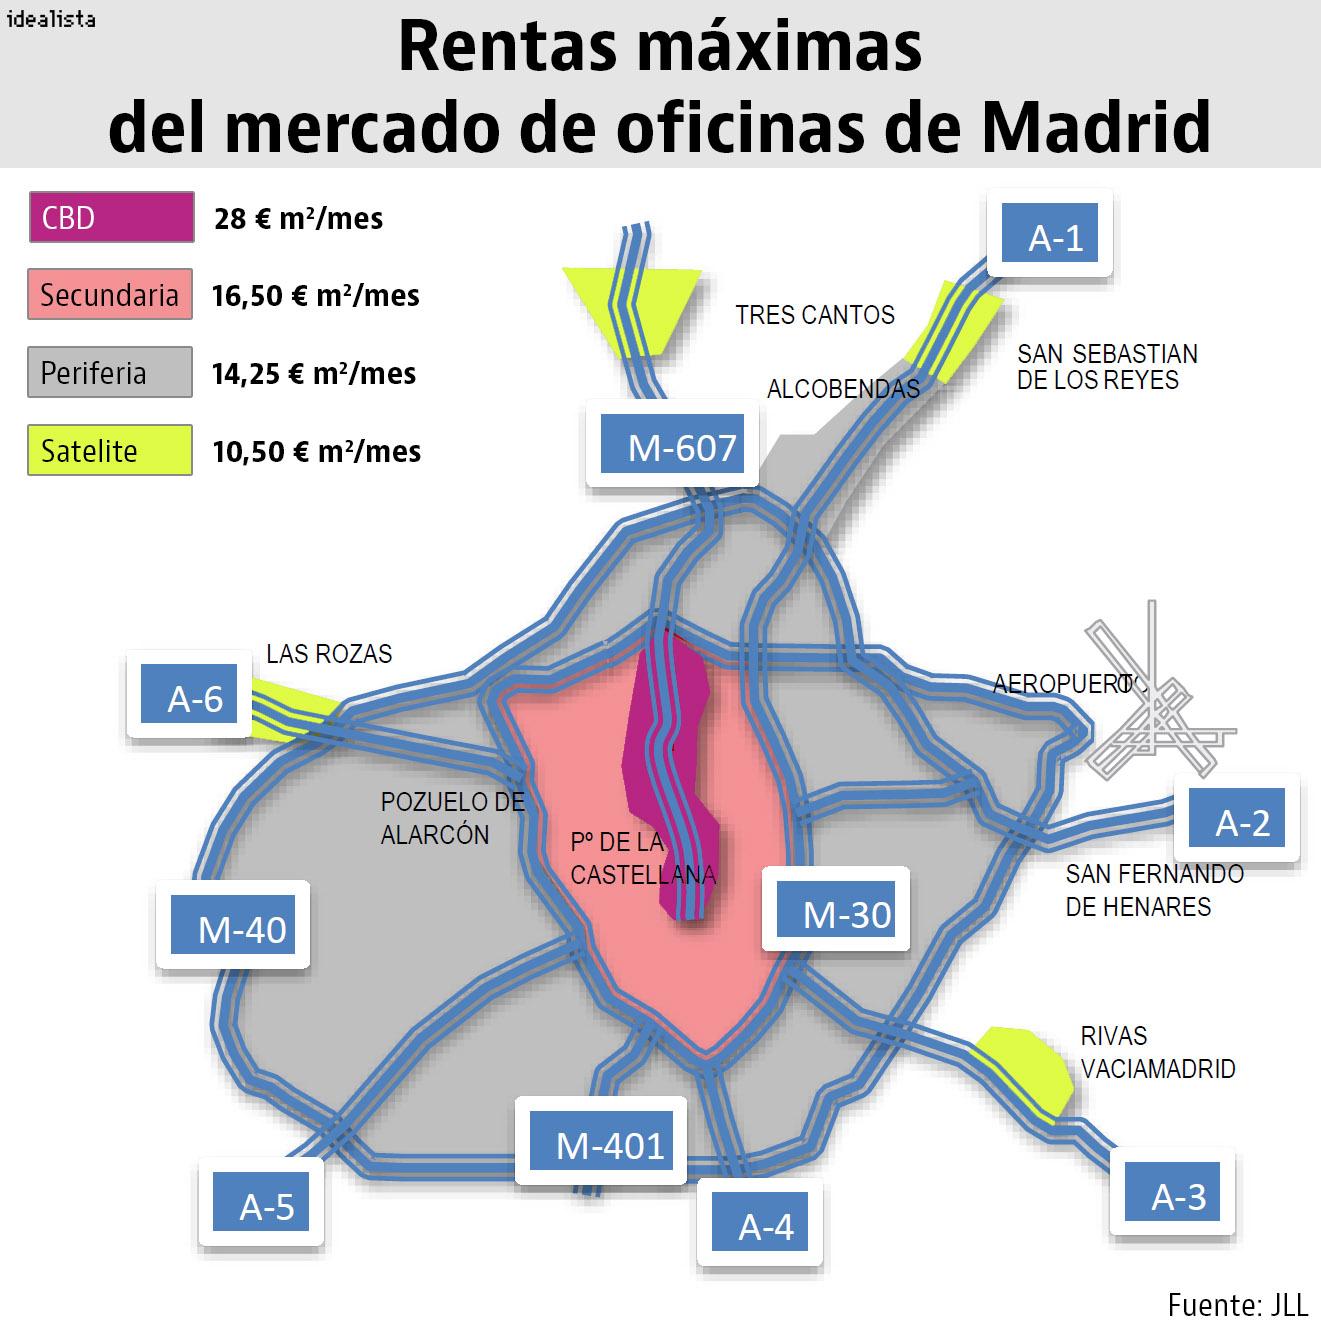 Madrid y barcelona las ciudades de europa donde m s for Oficinas de muface en madrid